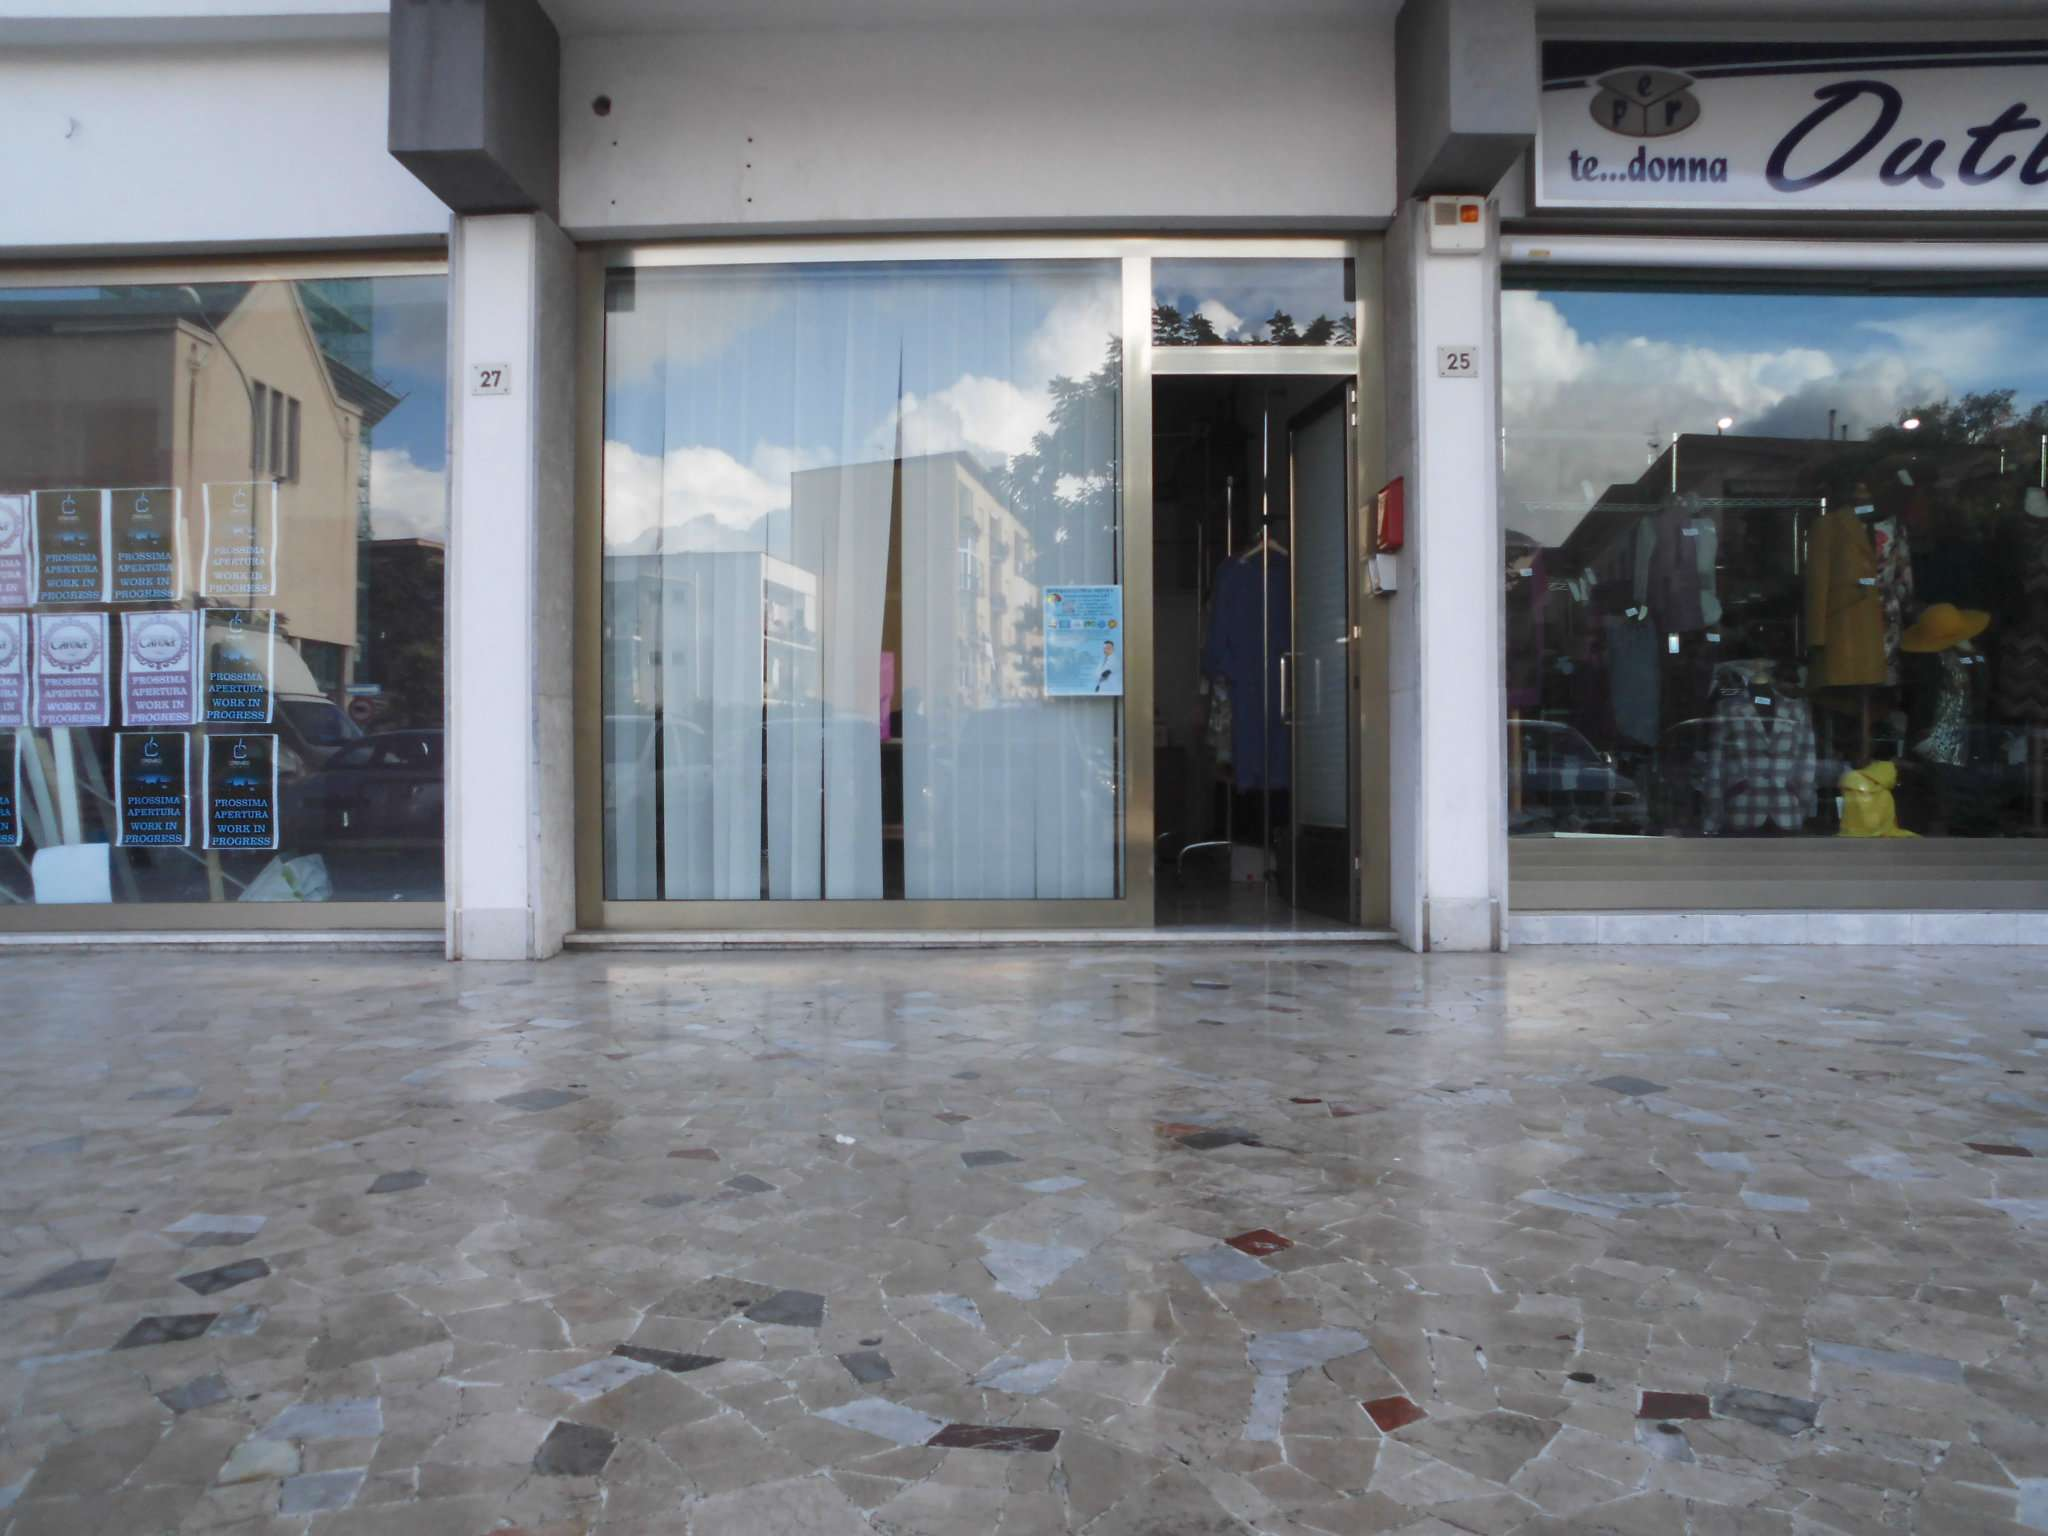 Negozio-locale in Vendita a Palermo: 1 locali, 35 mq